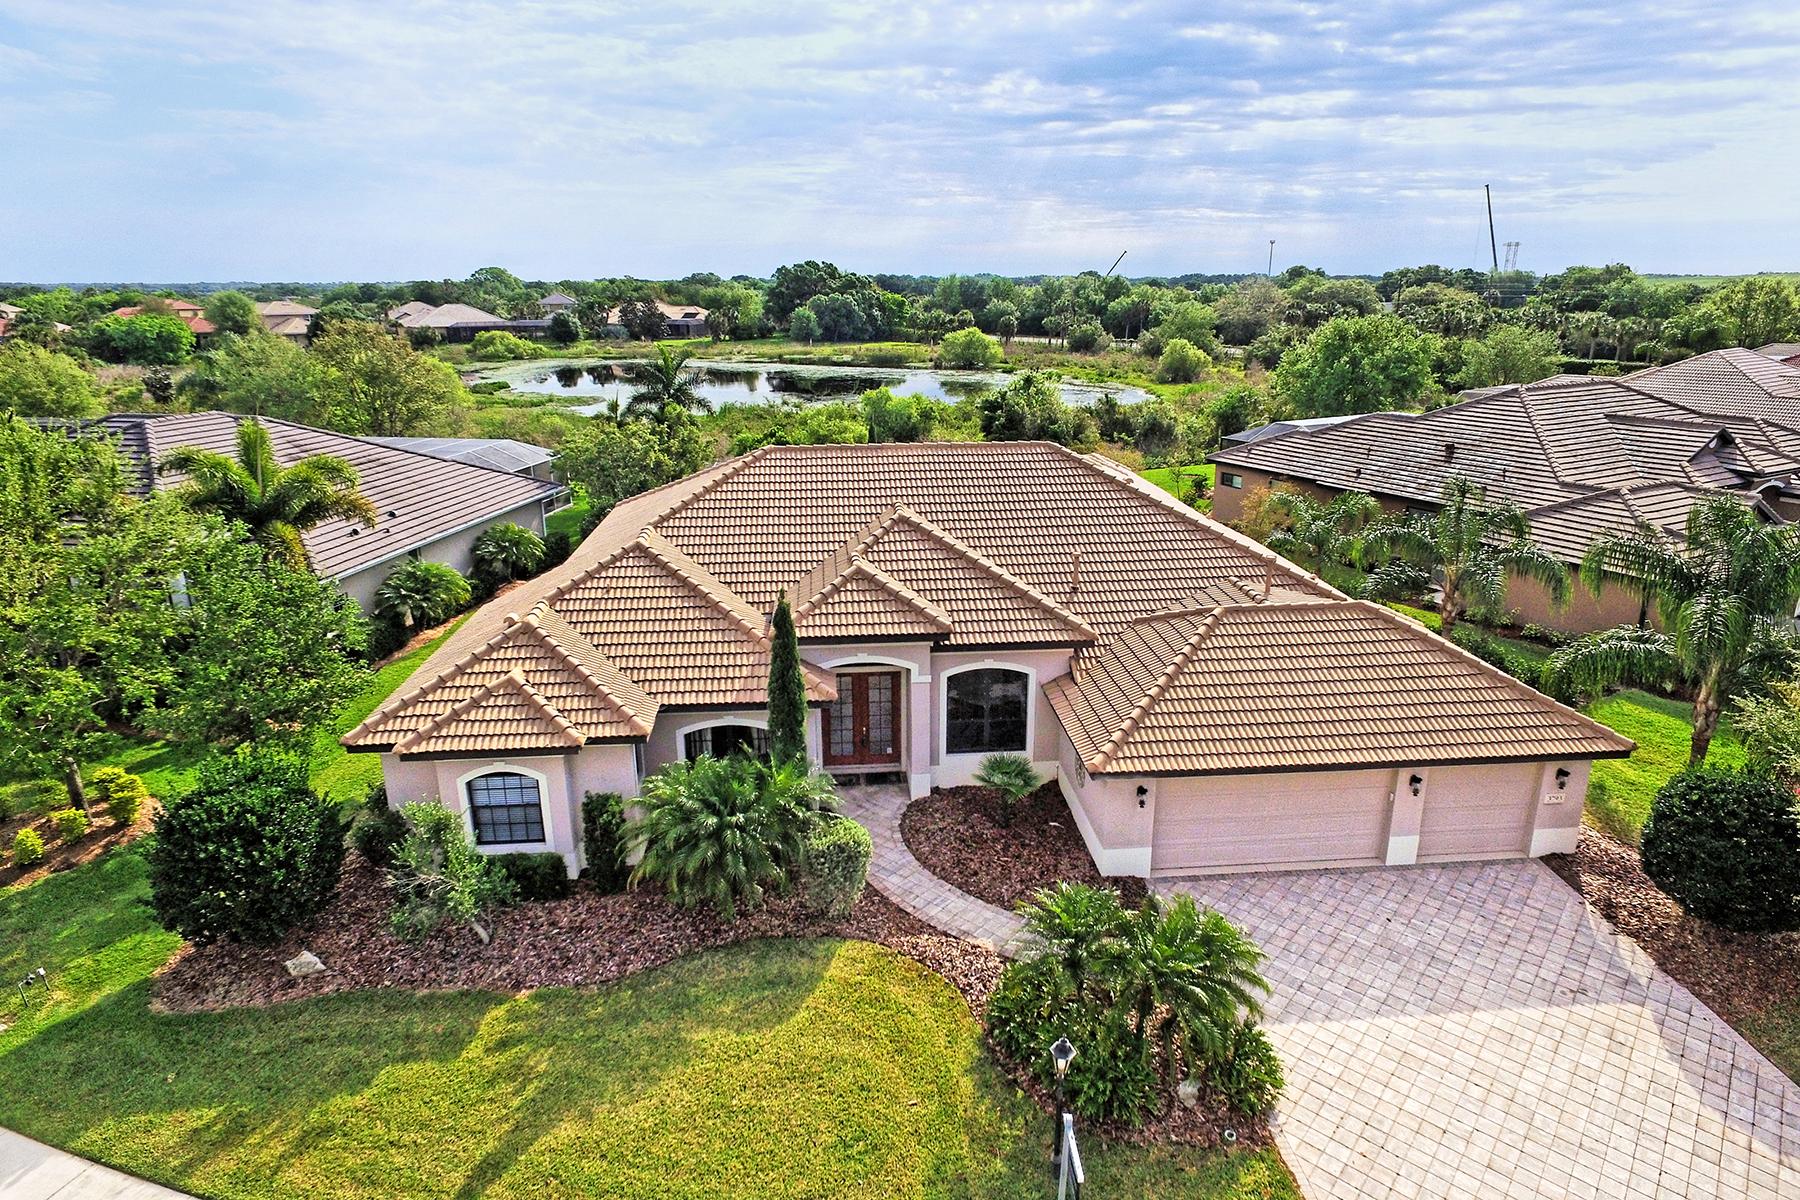 Maison unifamiliale pour l Vente à HAMMOCKS 3793 Eagle Hammock Dr Sarasota, Florida, 34240 États-Unis